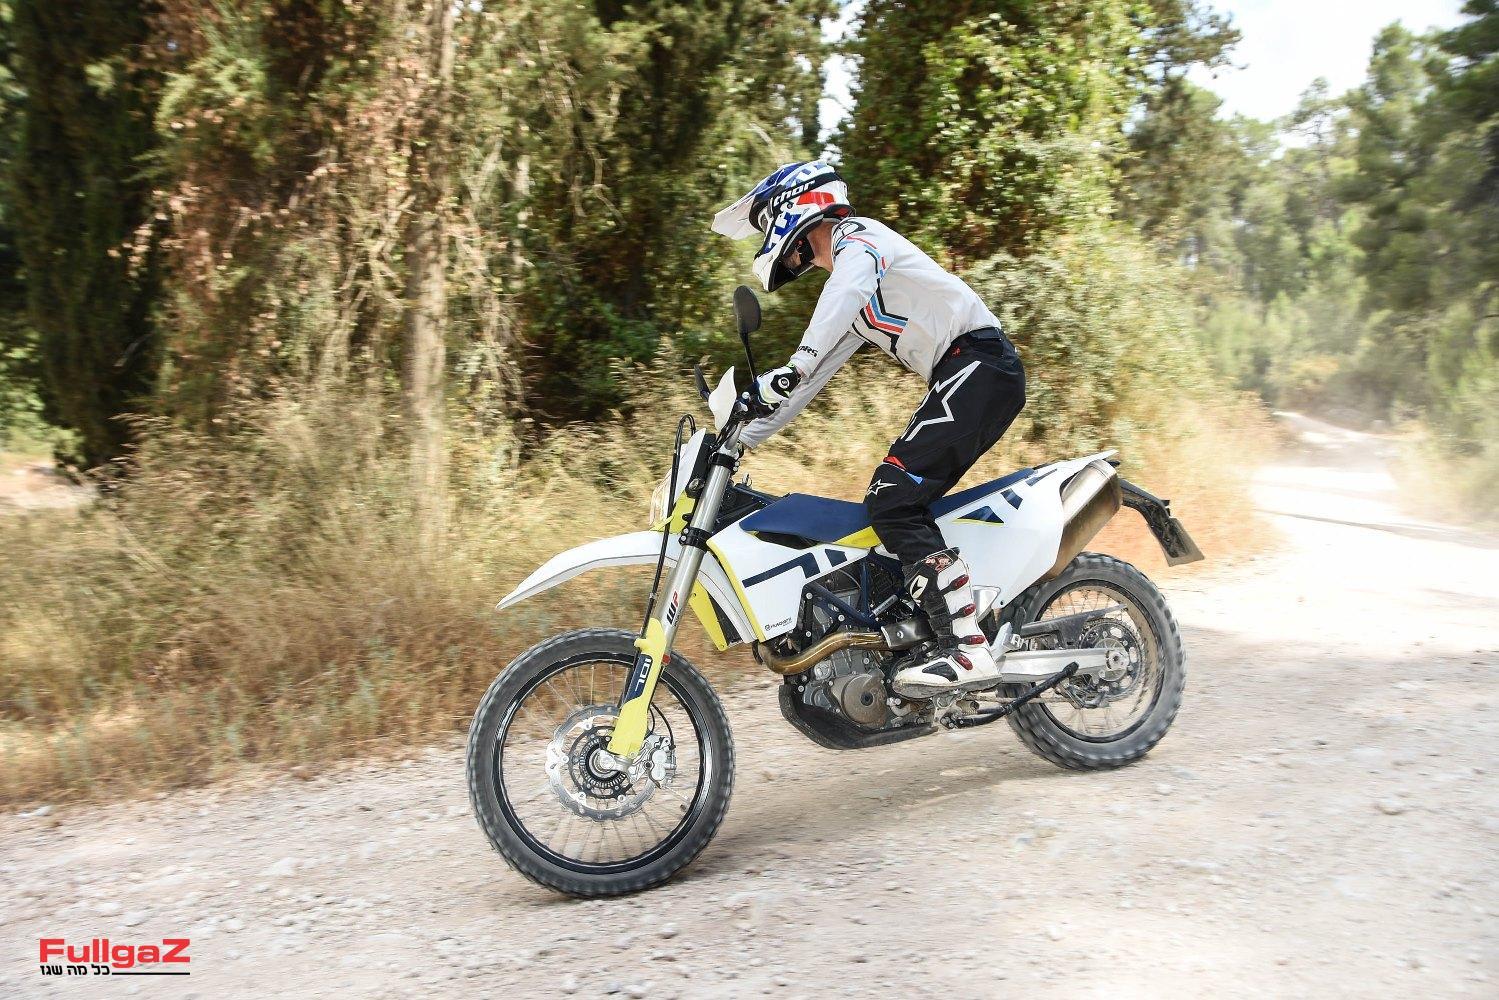 אופנוע האנדורו הגדול של הוסקוורנה ממשיך באבולוציה